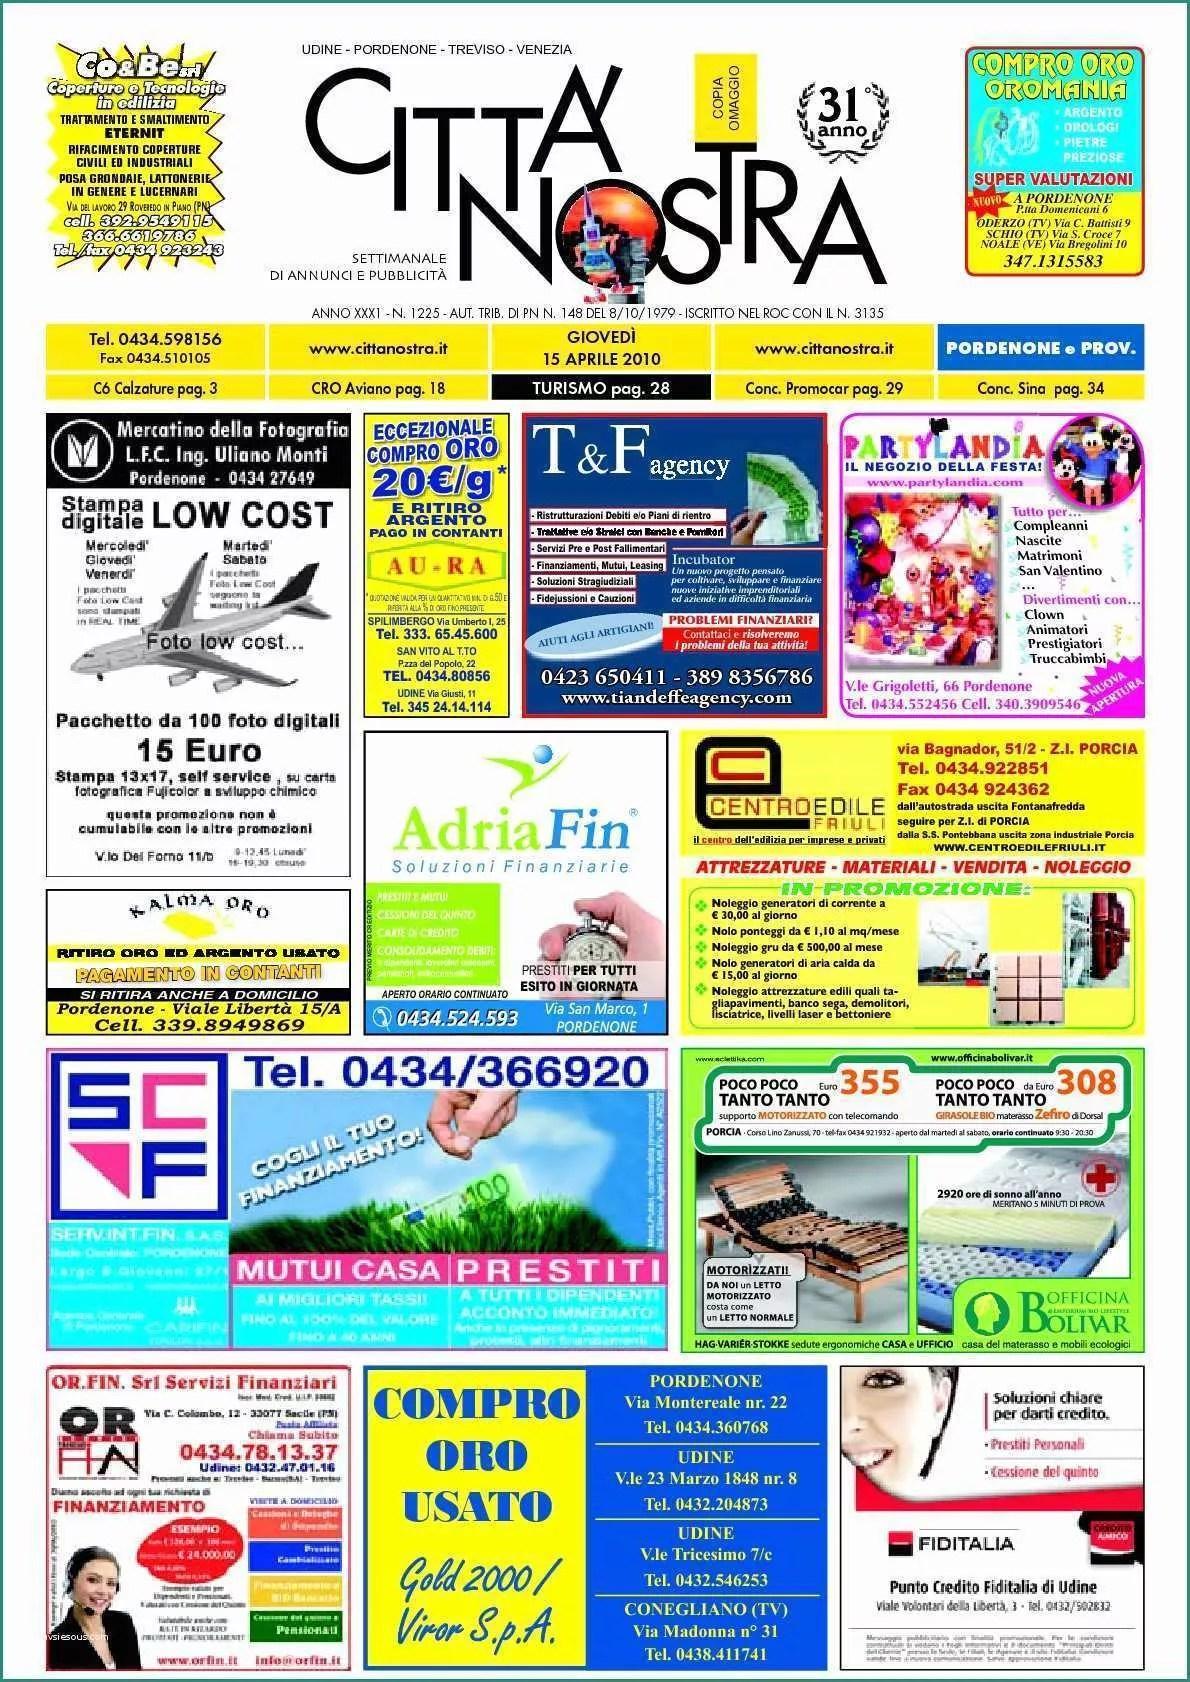 Soggiorno Laura Mondo Convenienza E Calamo Citt Nostra Pordenone Del 07 04 2011 N 1272